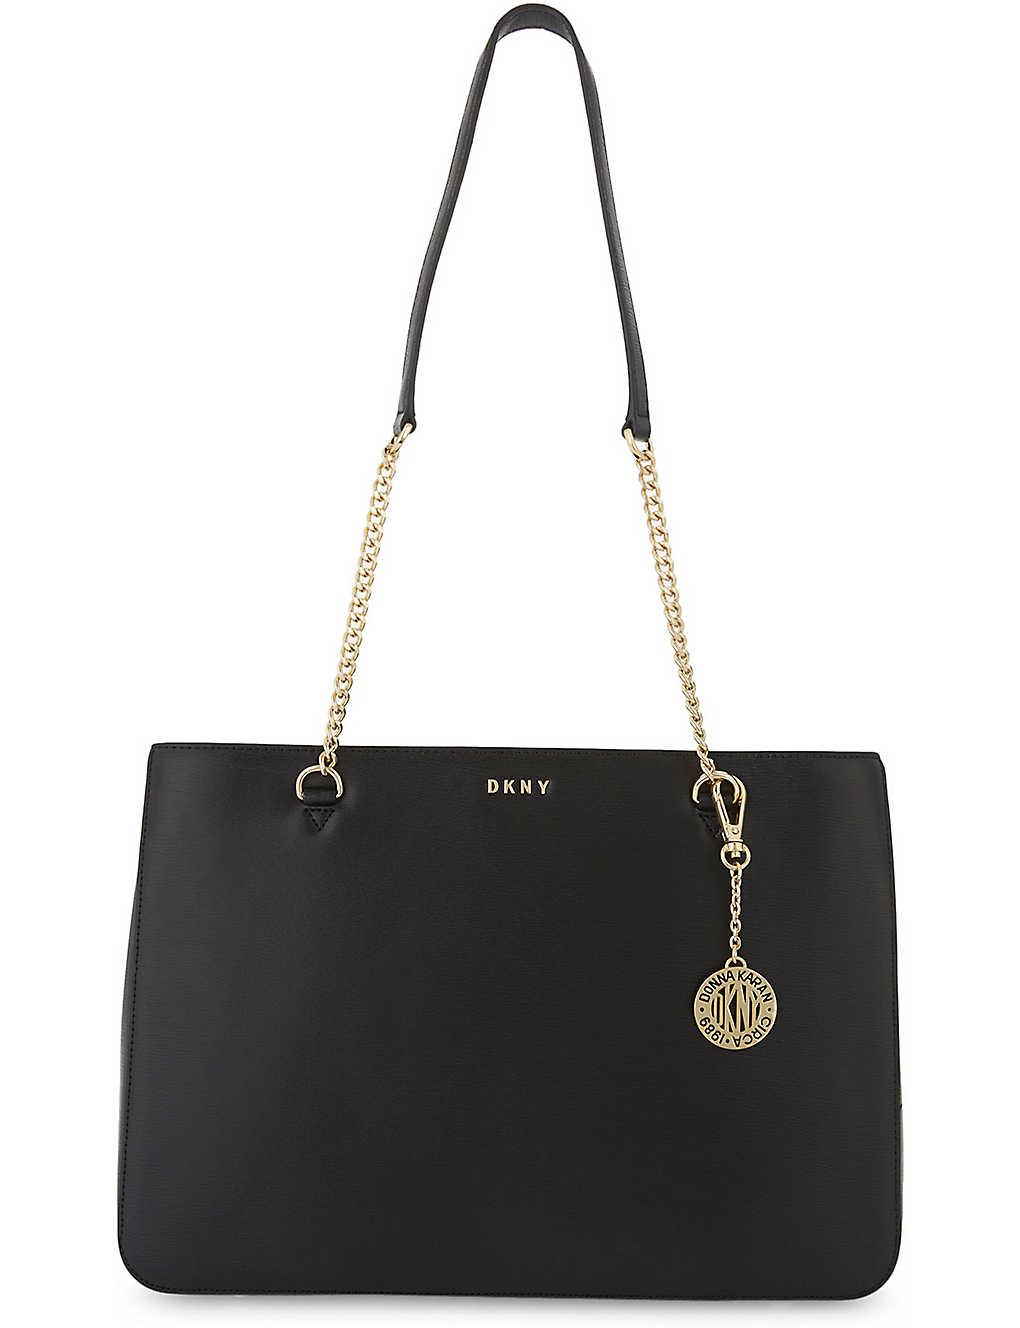 DKNY - Bryant Park large leather shoulder bag  50c8965eebd8e